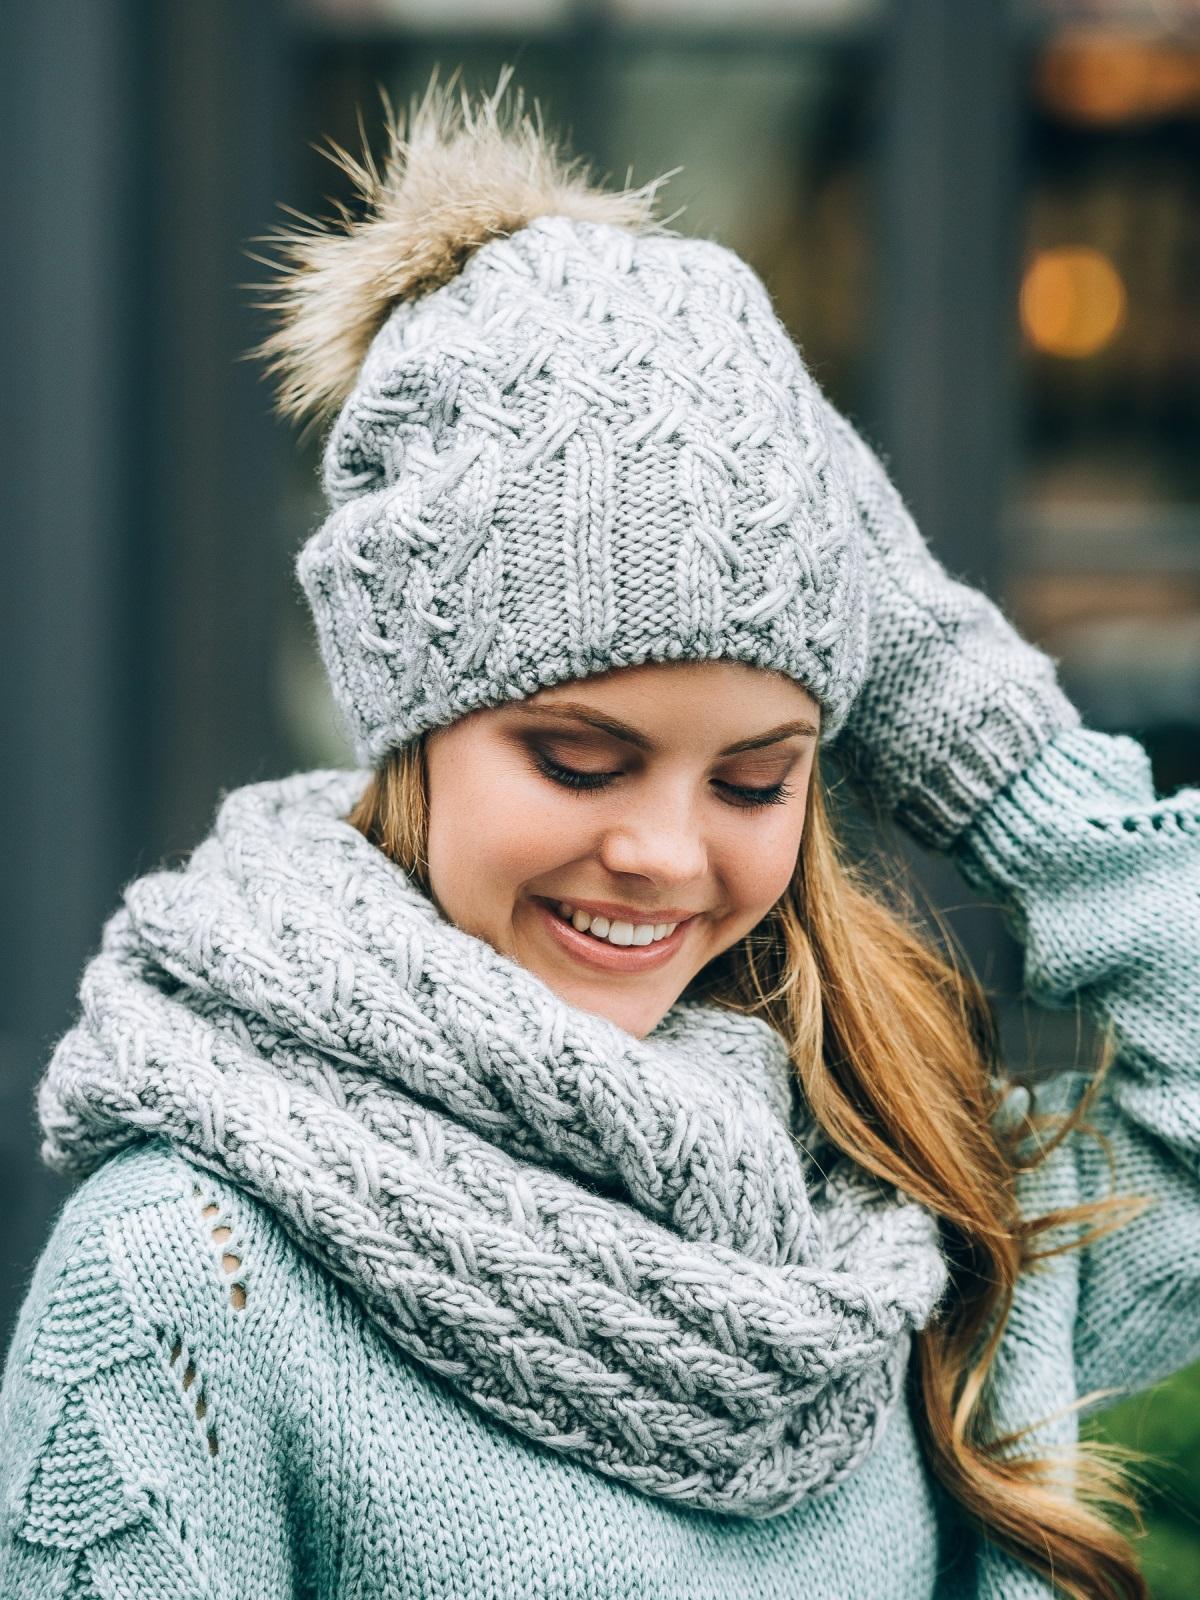 Светло-серый комплект с перчатками и помпоном на шапке - 14888, фото 1 – интернет-магазин Dressa